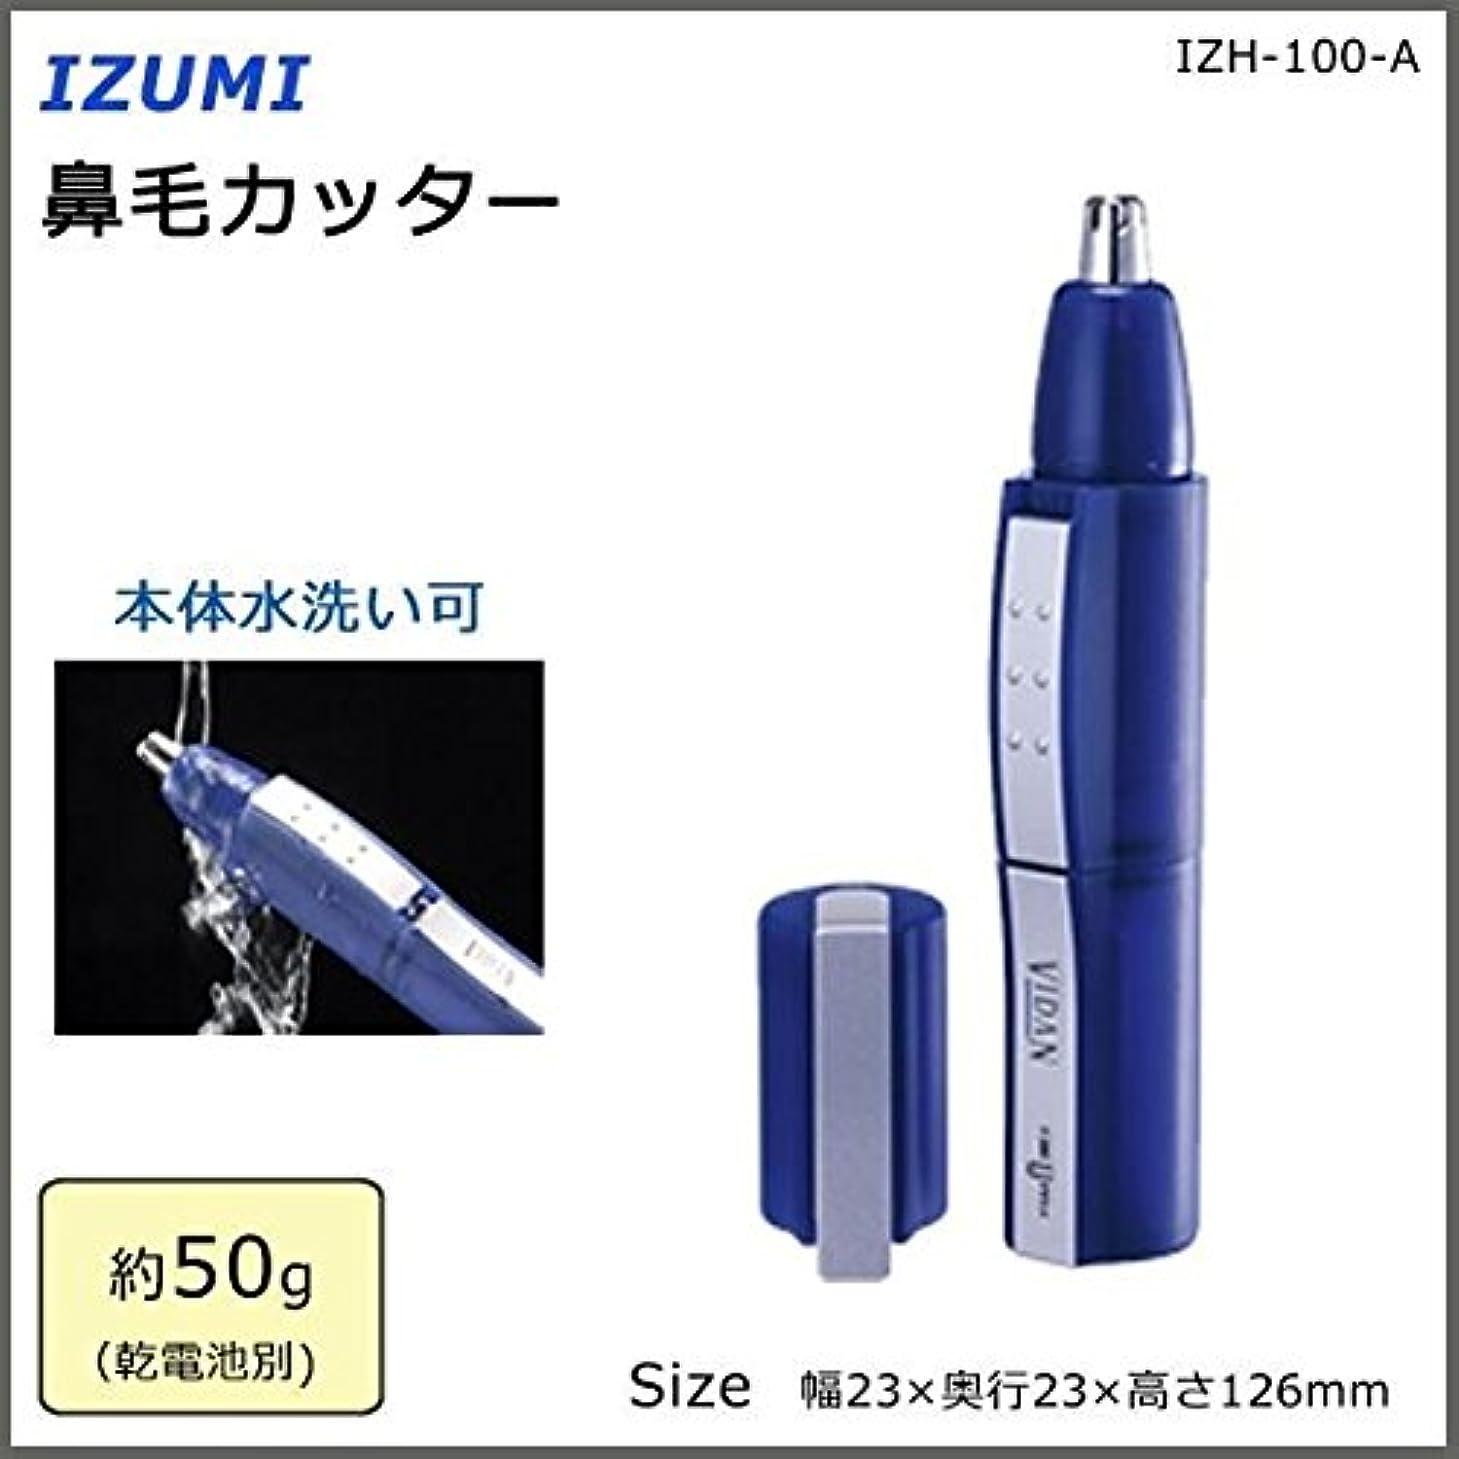 限定初期知り合いになるIZUMI 鼻毛カッター IZH-100-A